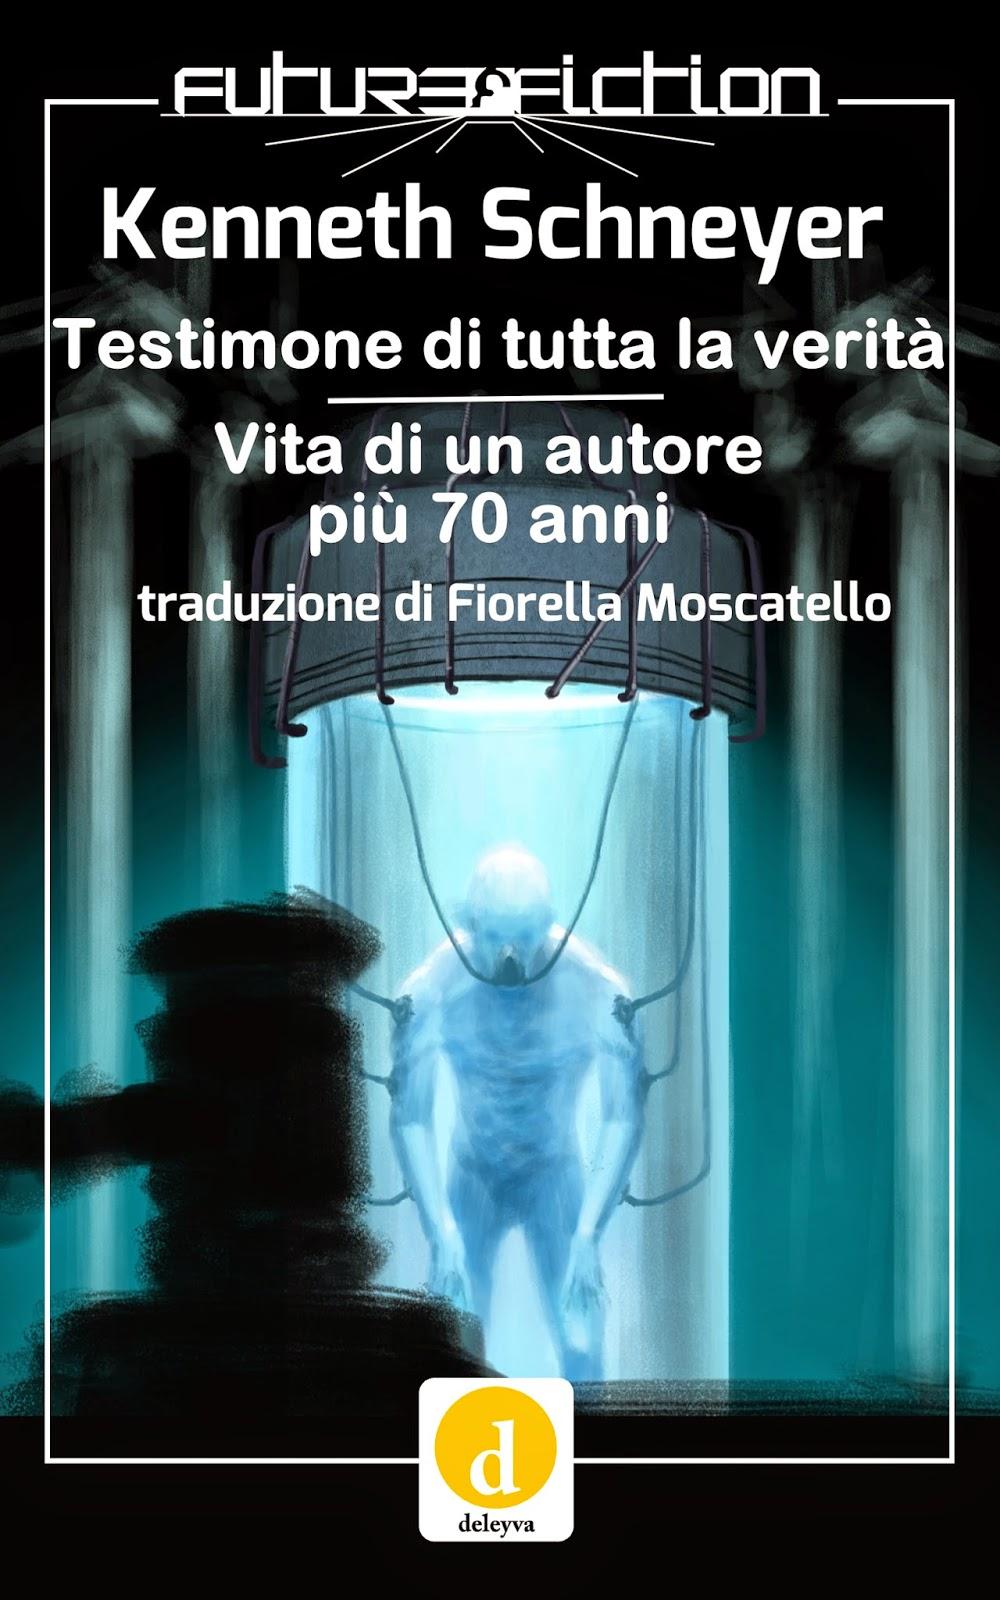 http://www.futurefiction.org/testimone-di-tutta-la-verita-vita-di-un-autore-piu-70-anni/